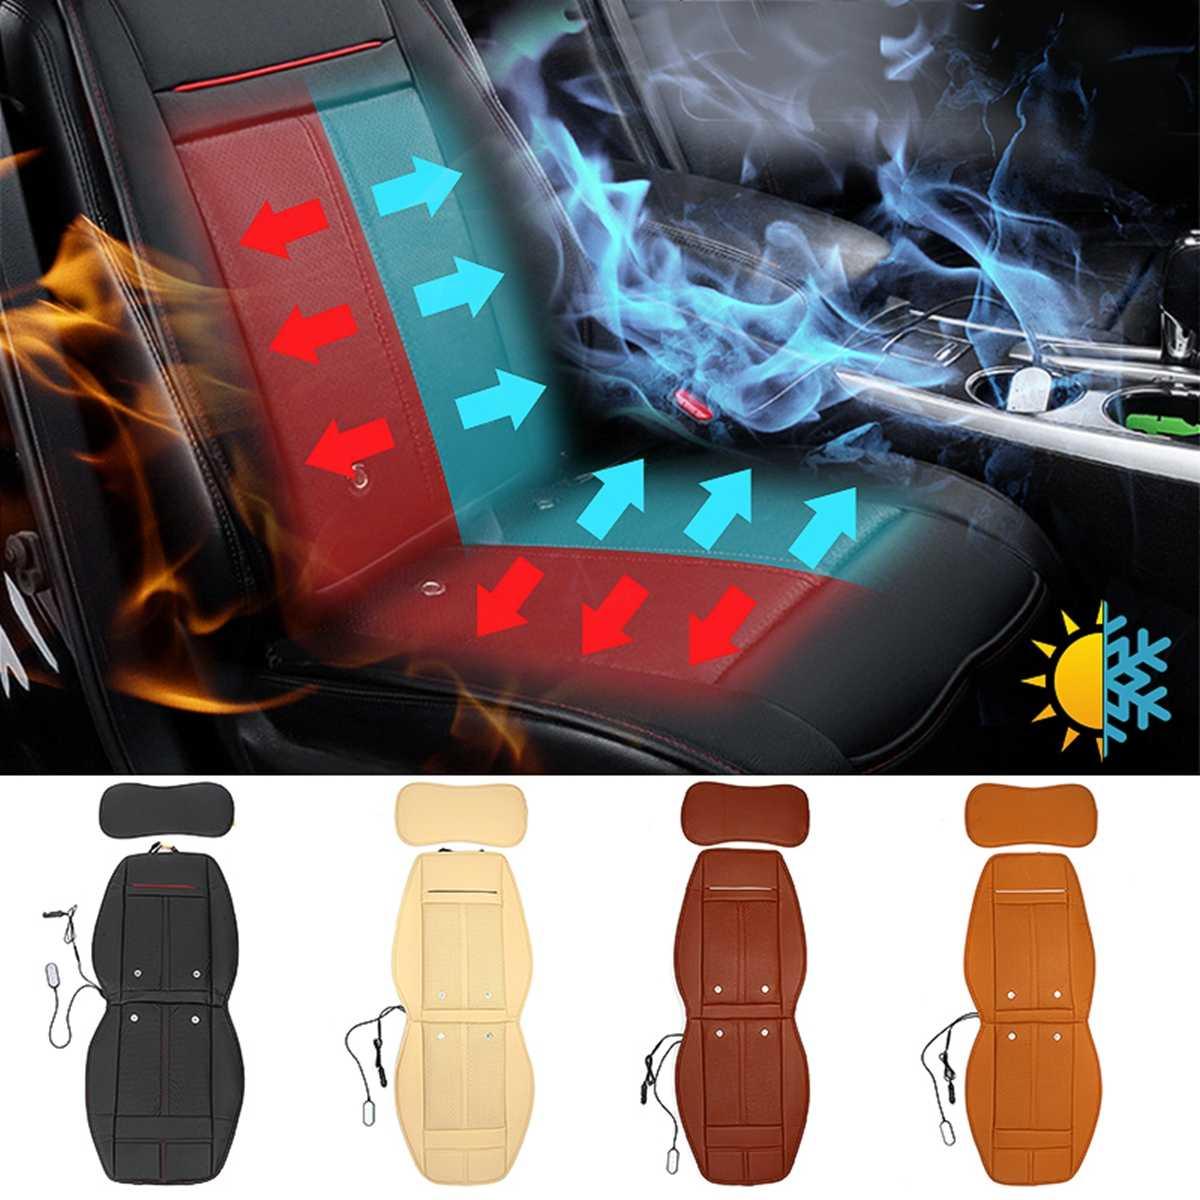 12 v אוניברסלי 3 ב 1 עור רכב קירור חם מחומם עיסוי כיסא כרית מושב אוטומטי חורף/קיץ מושב כיסוי